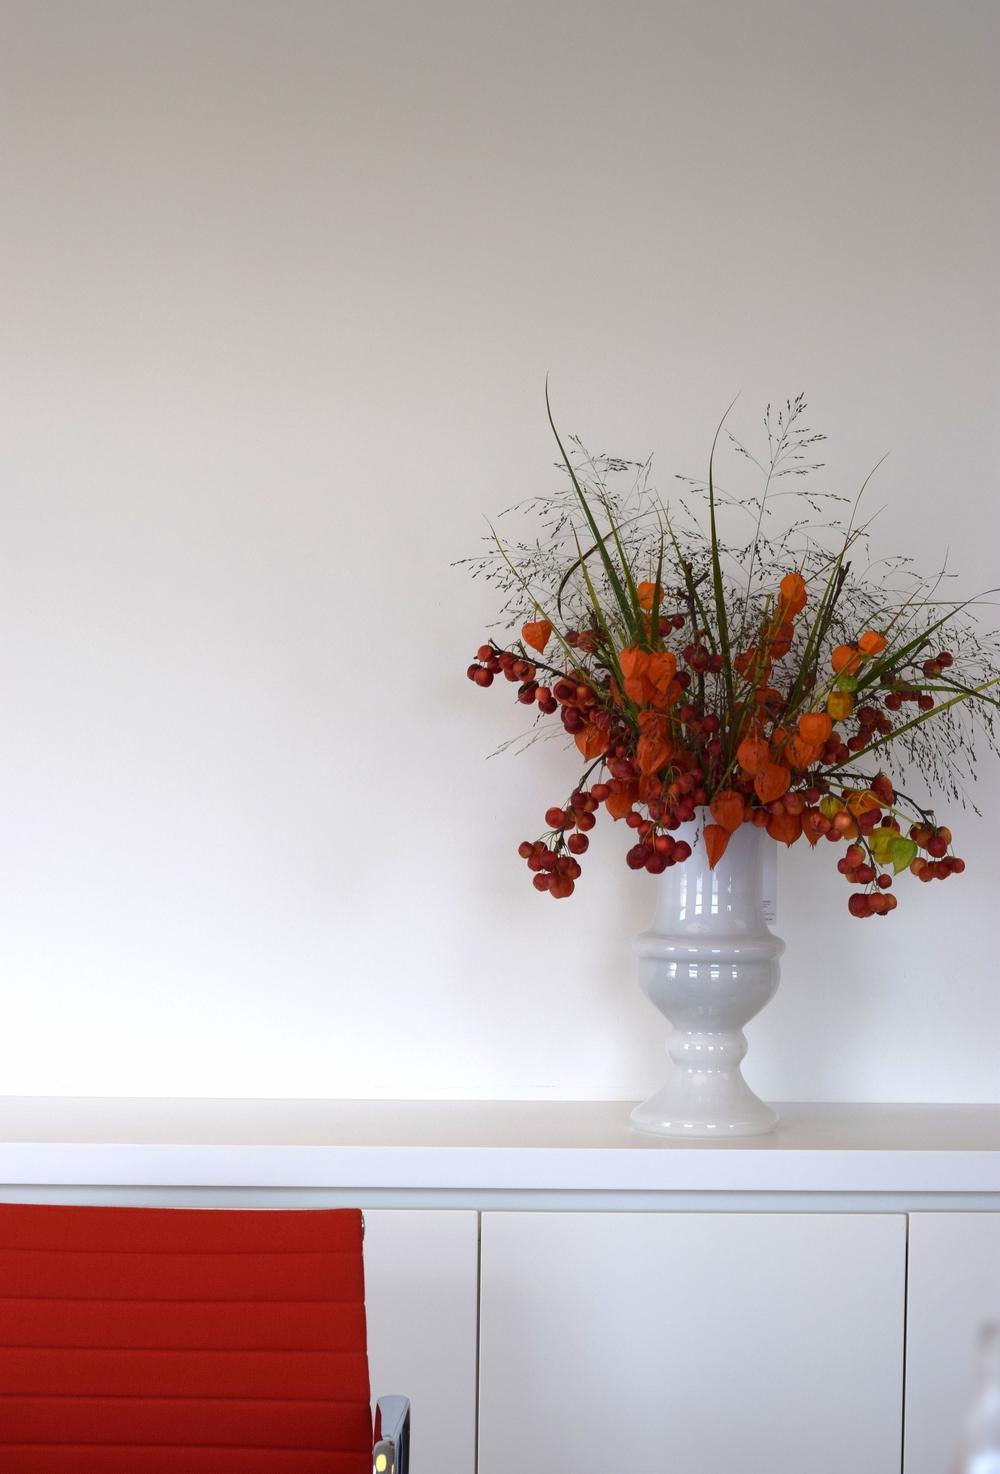 Bloemenabonnementen voor bedrijven - Degrootebloemen.be